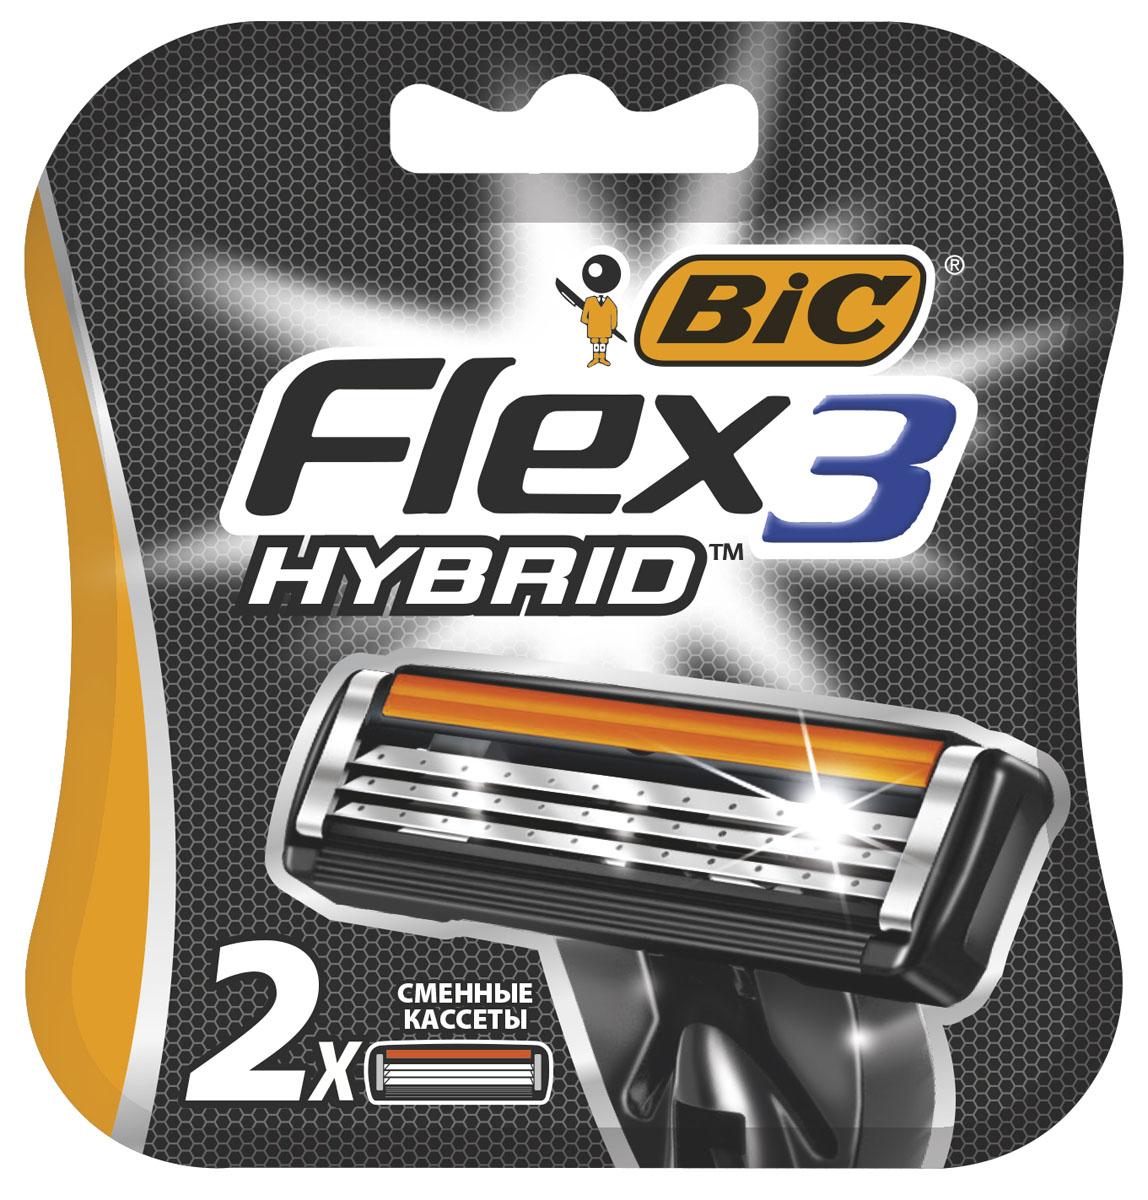 Bic Flex 3 Hybrid Сменные кассеты для бритья, 2 шт948273Три высококачественных лезвия, плавающих независимо друг от друга. Хромо-полимерное покрытие лезвий. Более широкий резиновый предохранитель.